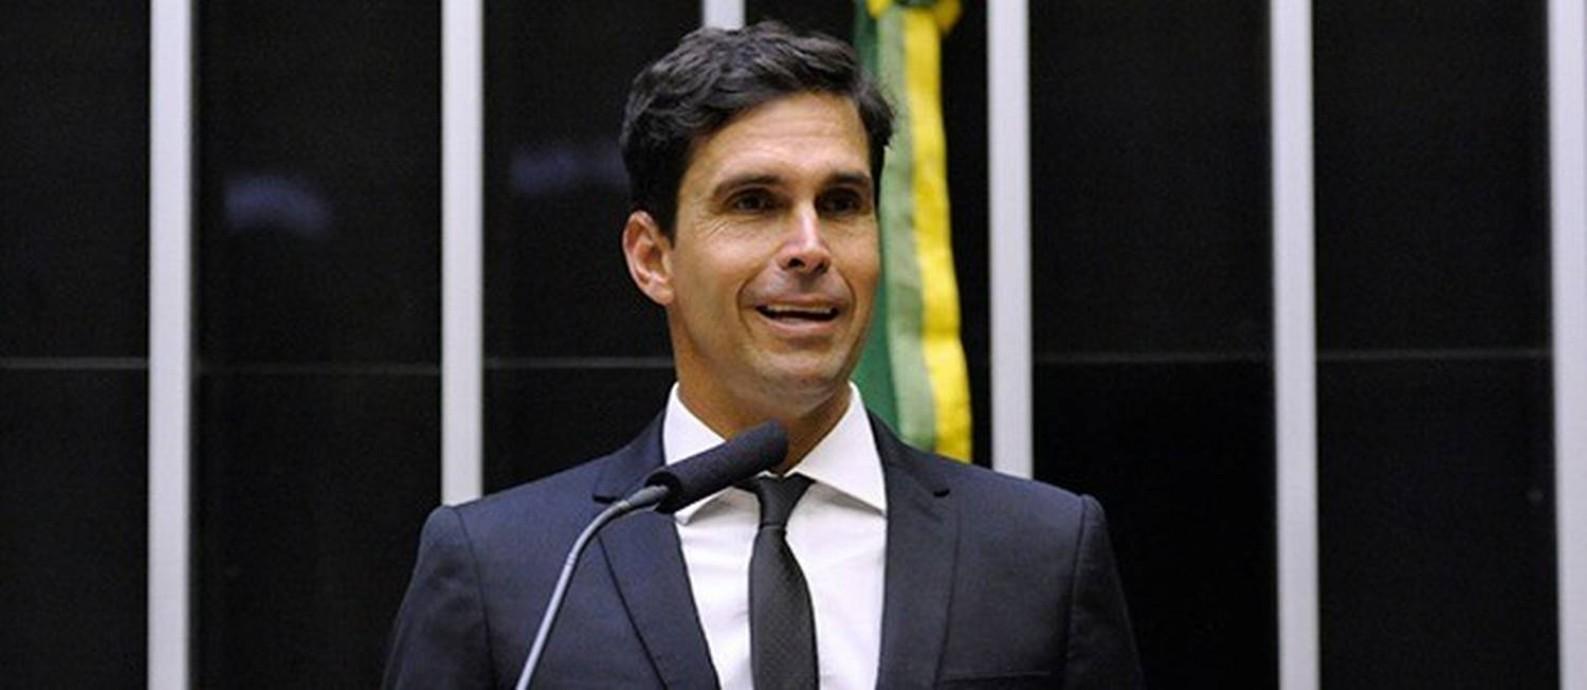 Deputado Luiz Lima (PSL-RJ) Foto: Câmara dos Deputados